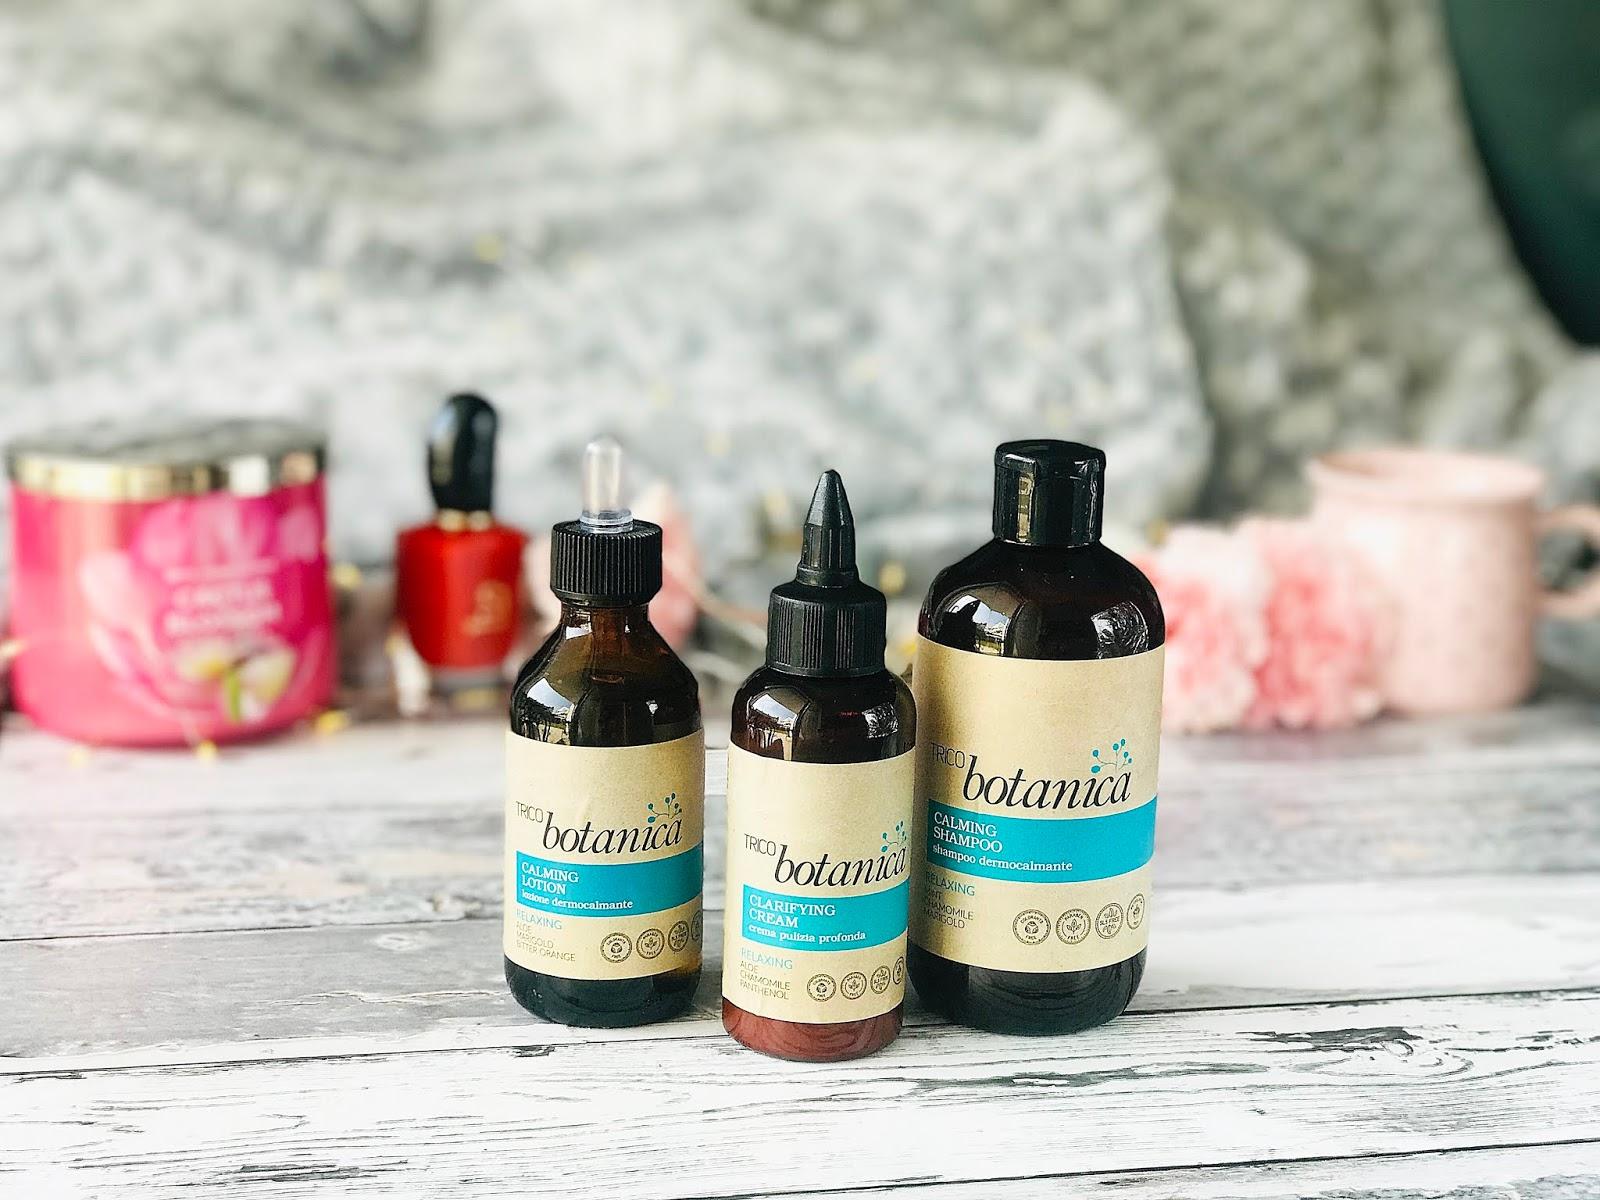 TRICO botanica | Oczyszczanie i Relaks | szampon, krem, lotion